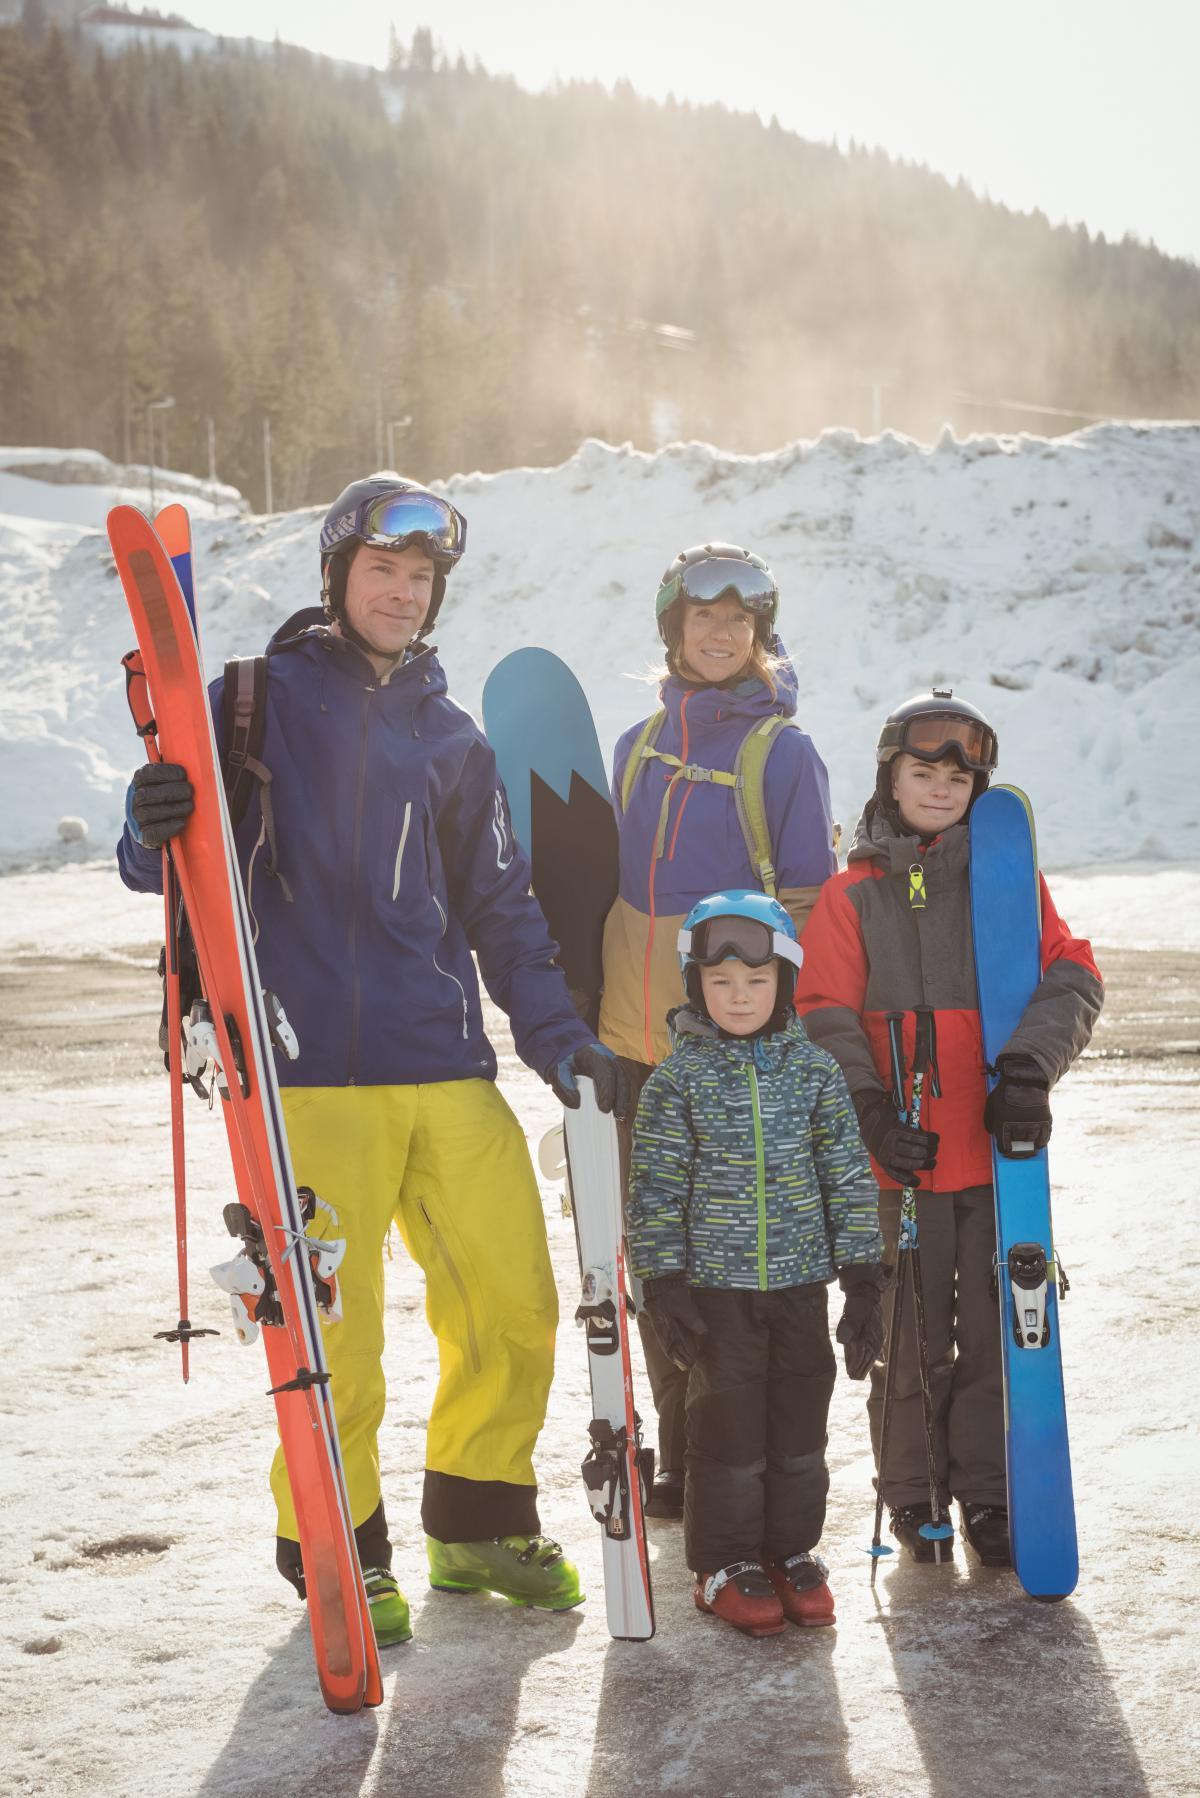 Portrait of happy family in skiwear #416507